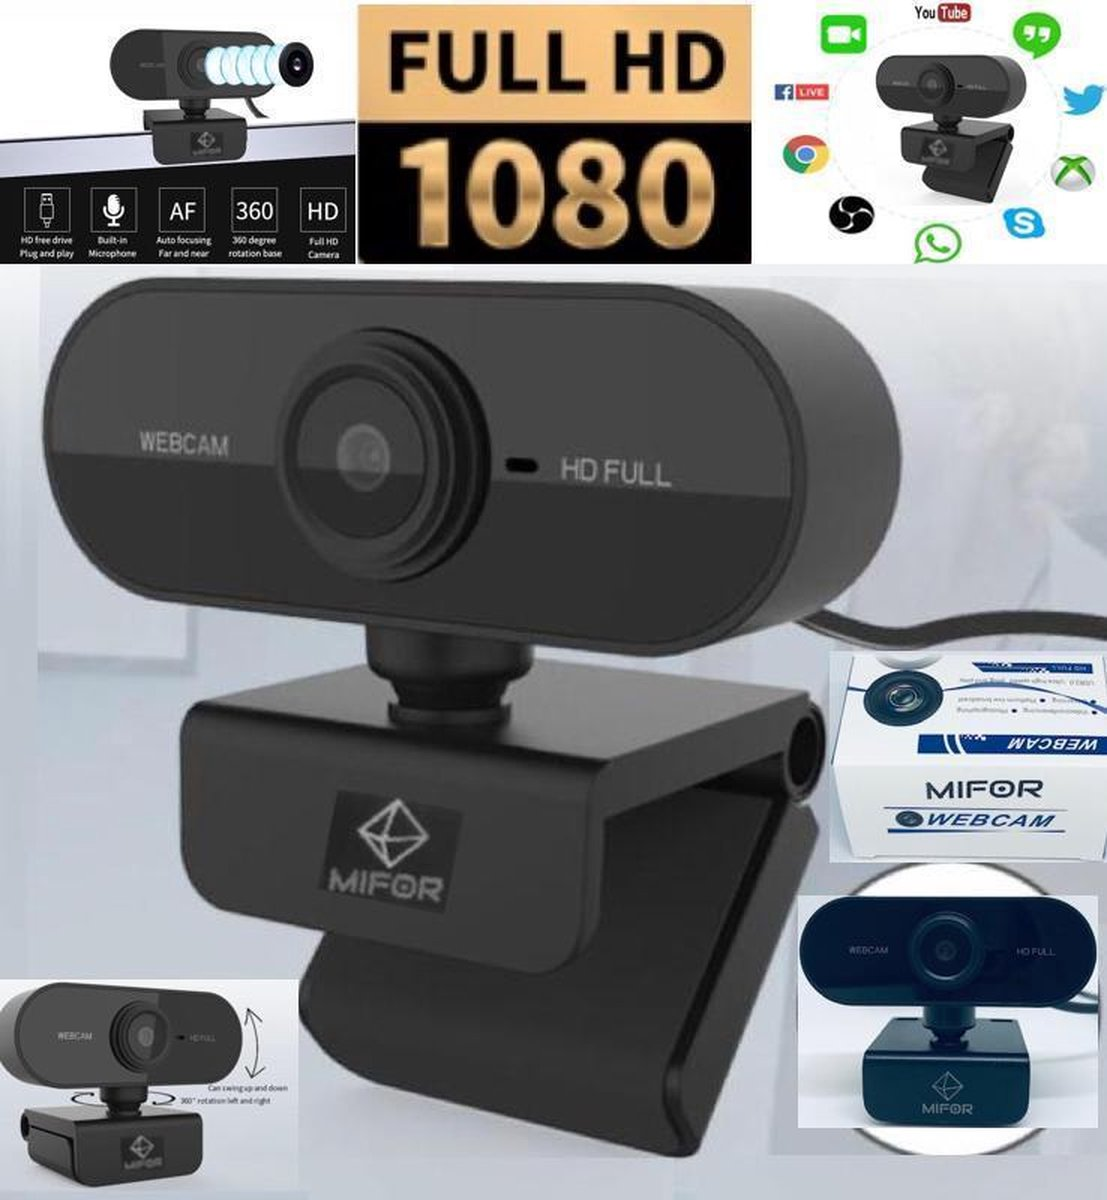 MIFOR® 2020 Full HD 1080p Autofocus Webcam met Microfoon - Webcam voor PC - Noise Cancelling